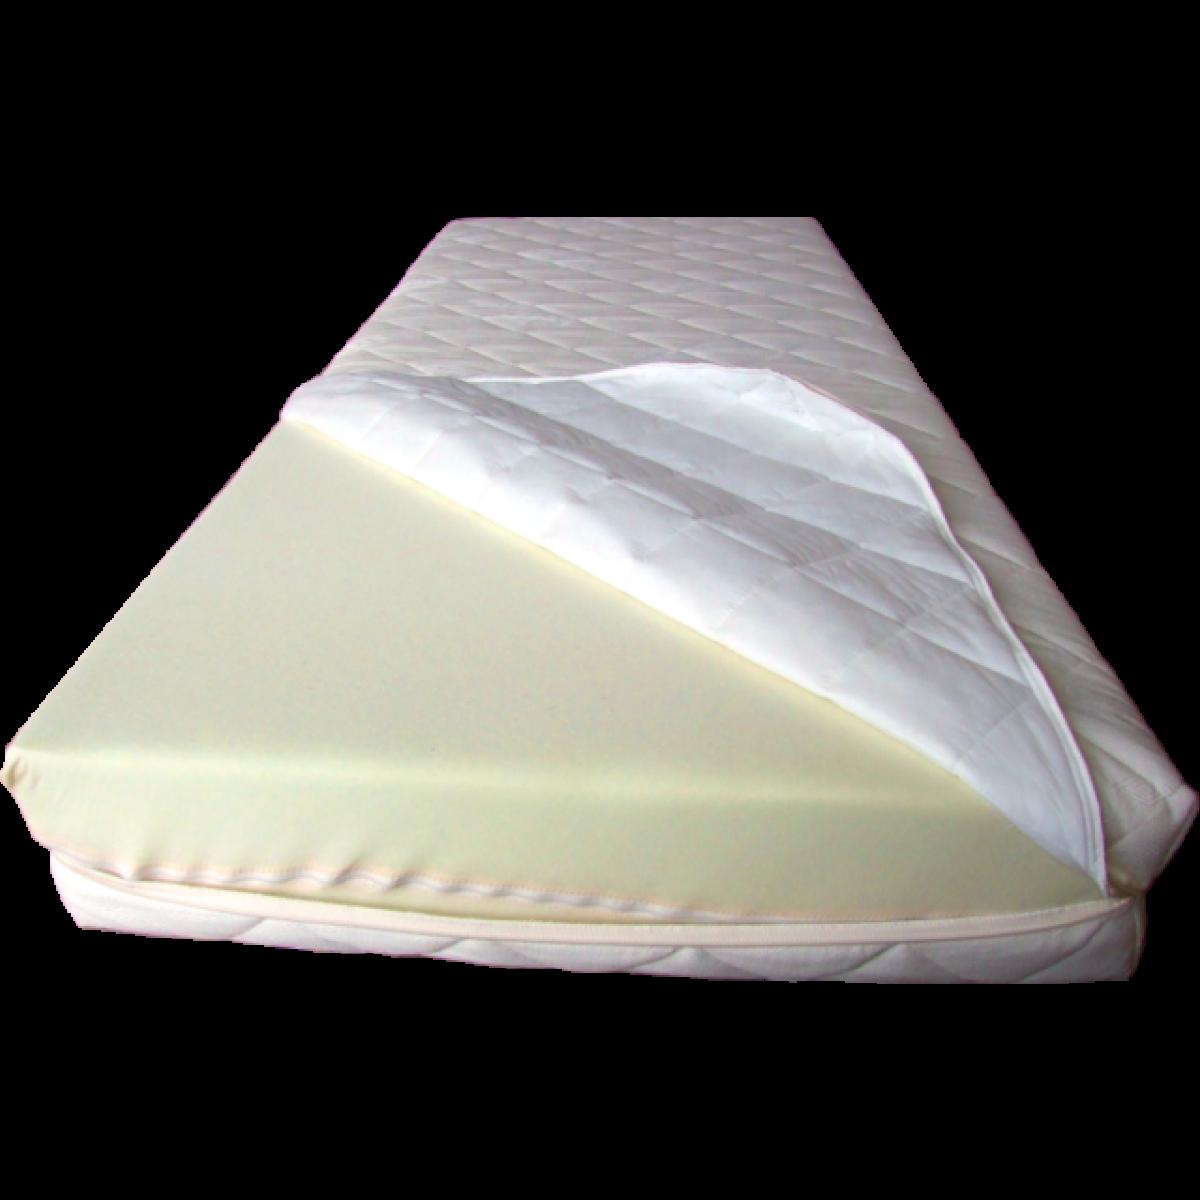 Materasso schiumato ad acqua Greencoat modello Turchese - ILoveSleep.it